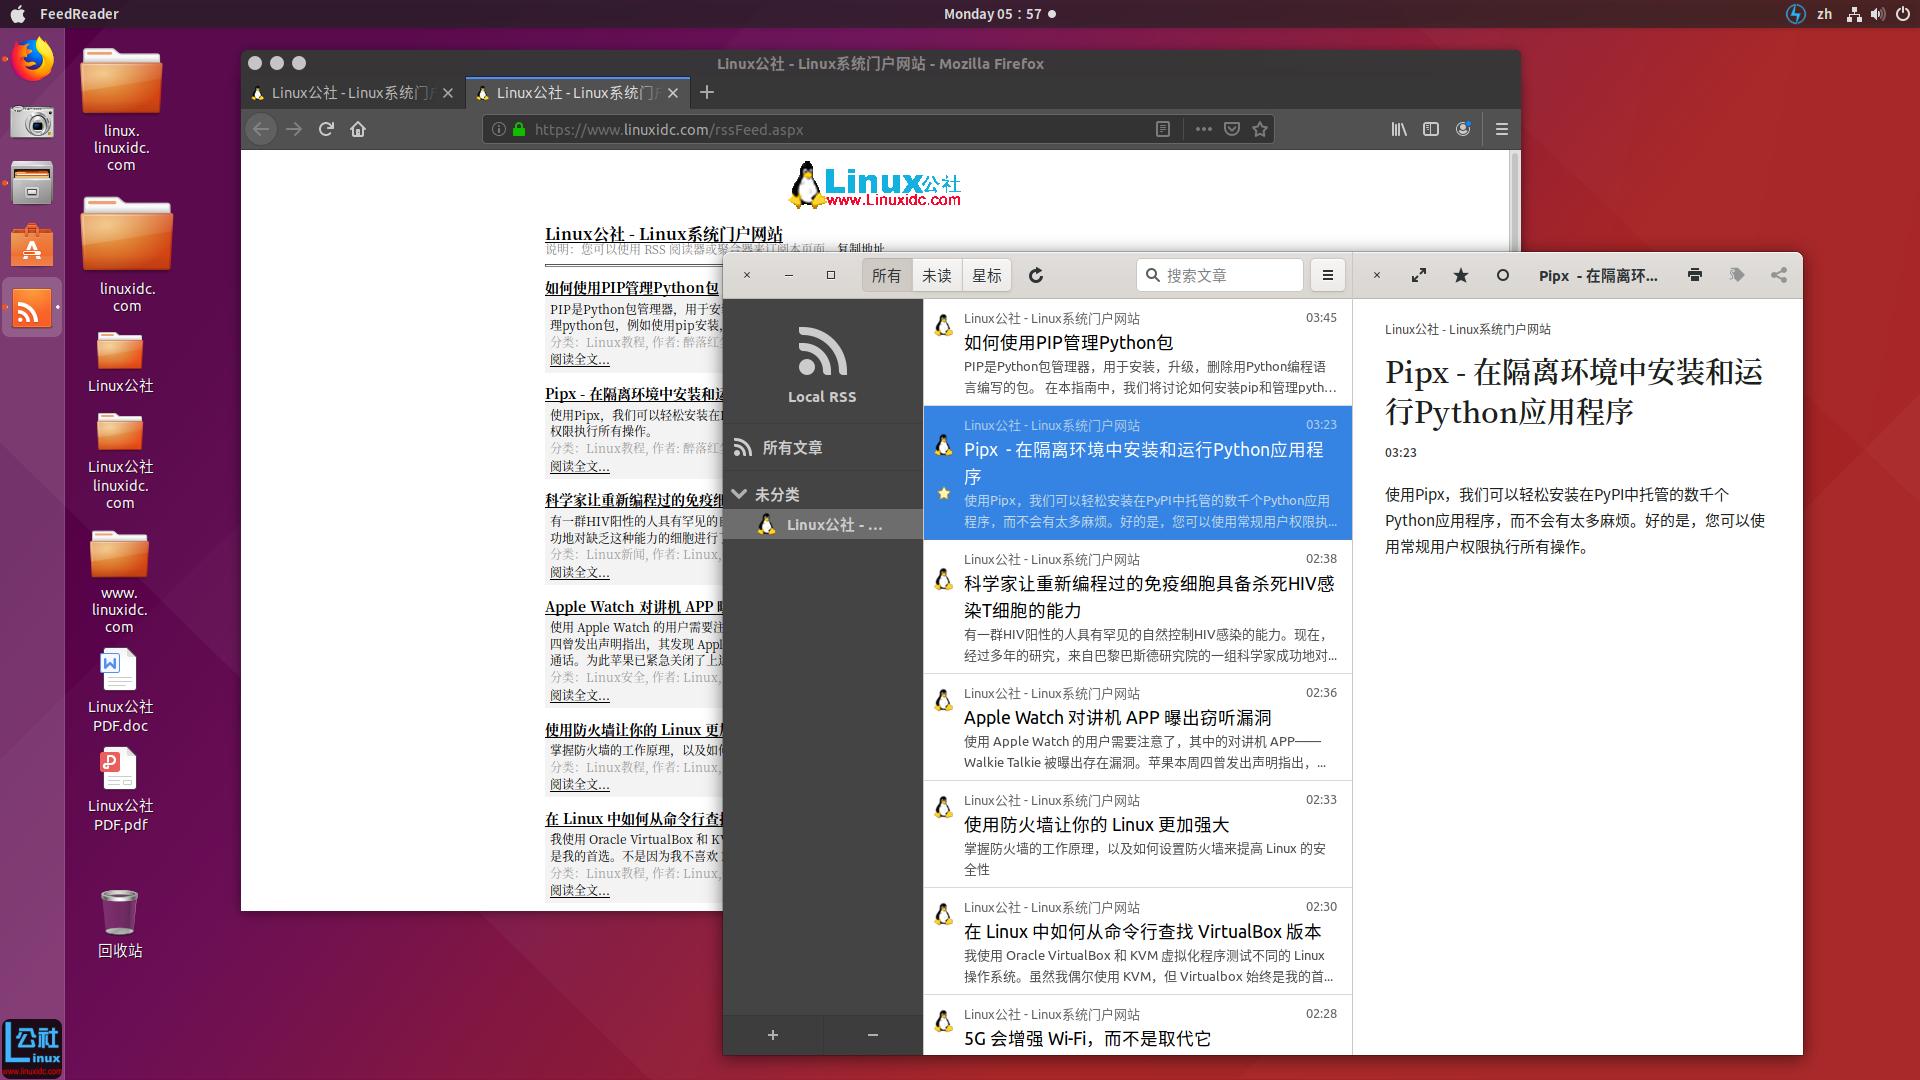 如何在Ubuntu 18.04或更高版本中安装FeedReader RSS客户端